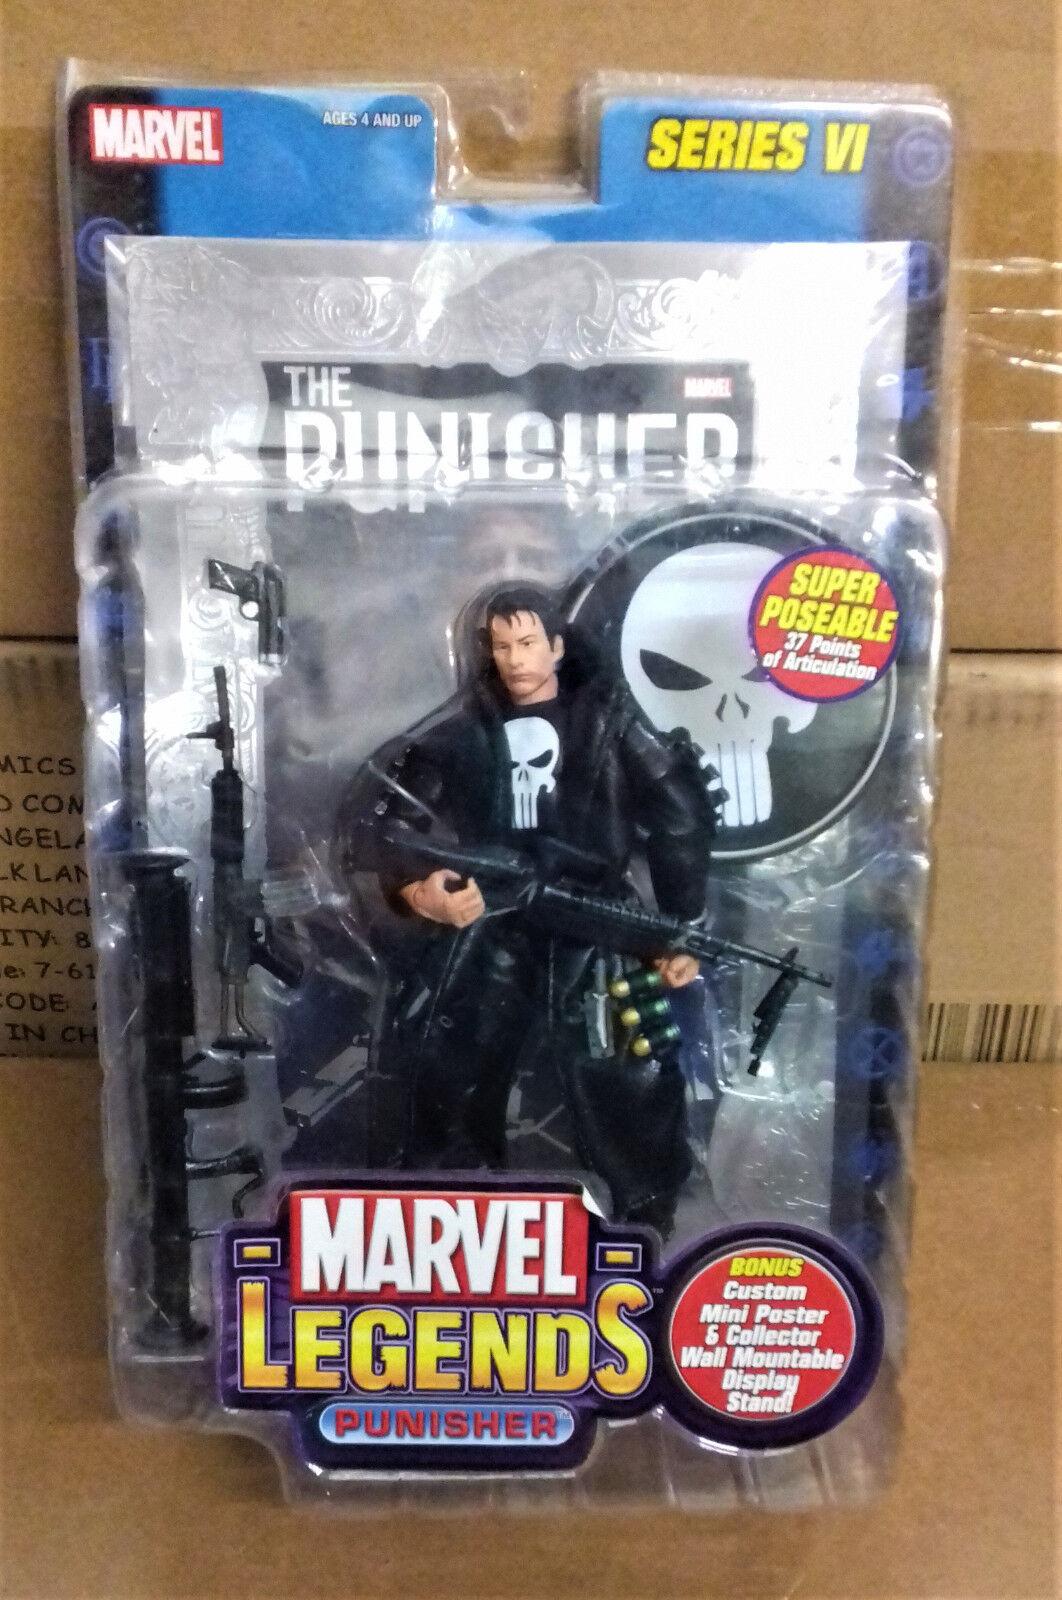 MARVEL Legends Comics  Punisher (Thomas Jayne) 6  Giocattolo cifra Regno Unito argentooo Scatola FOIL  liquidazione fino al 70%